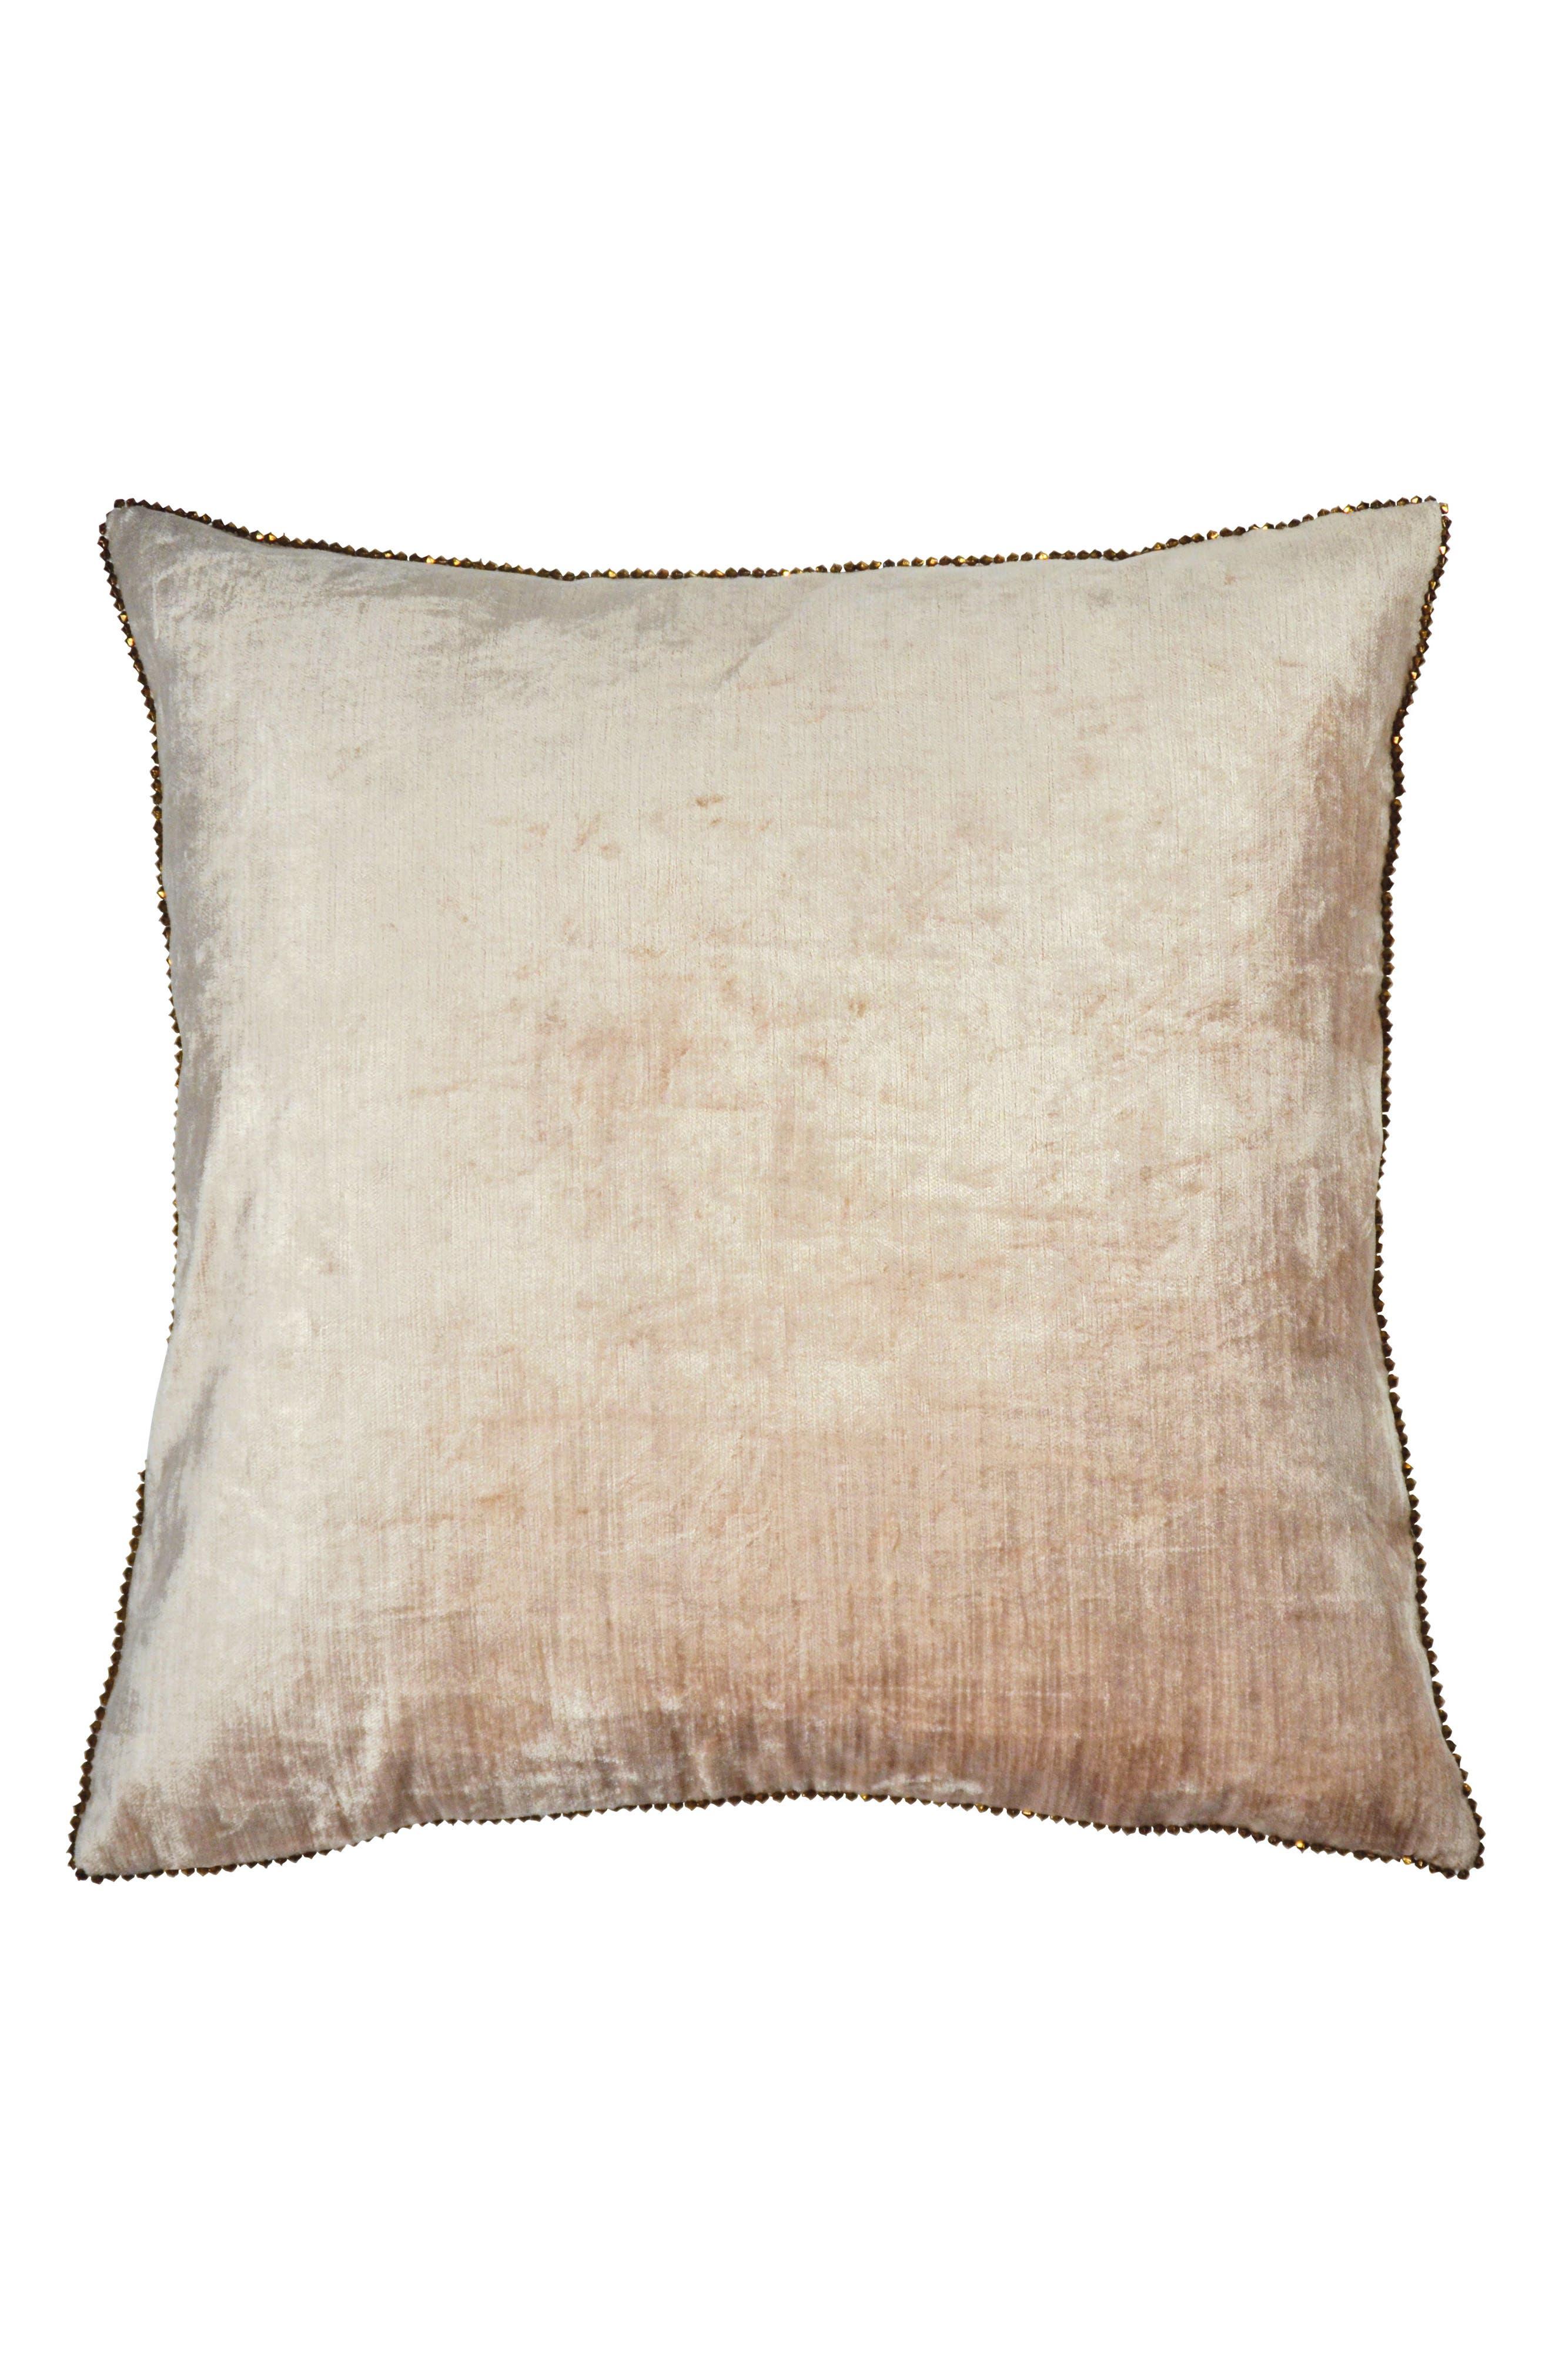 Velvet Accent Pillow,                             Main thumbnail 1, color,                             BLUSH